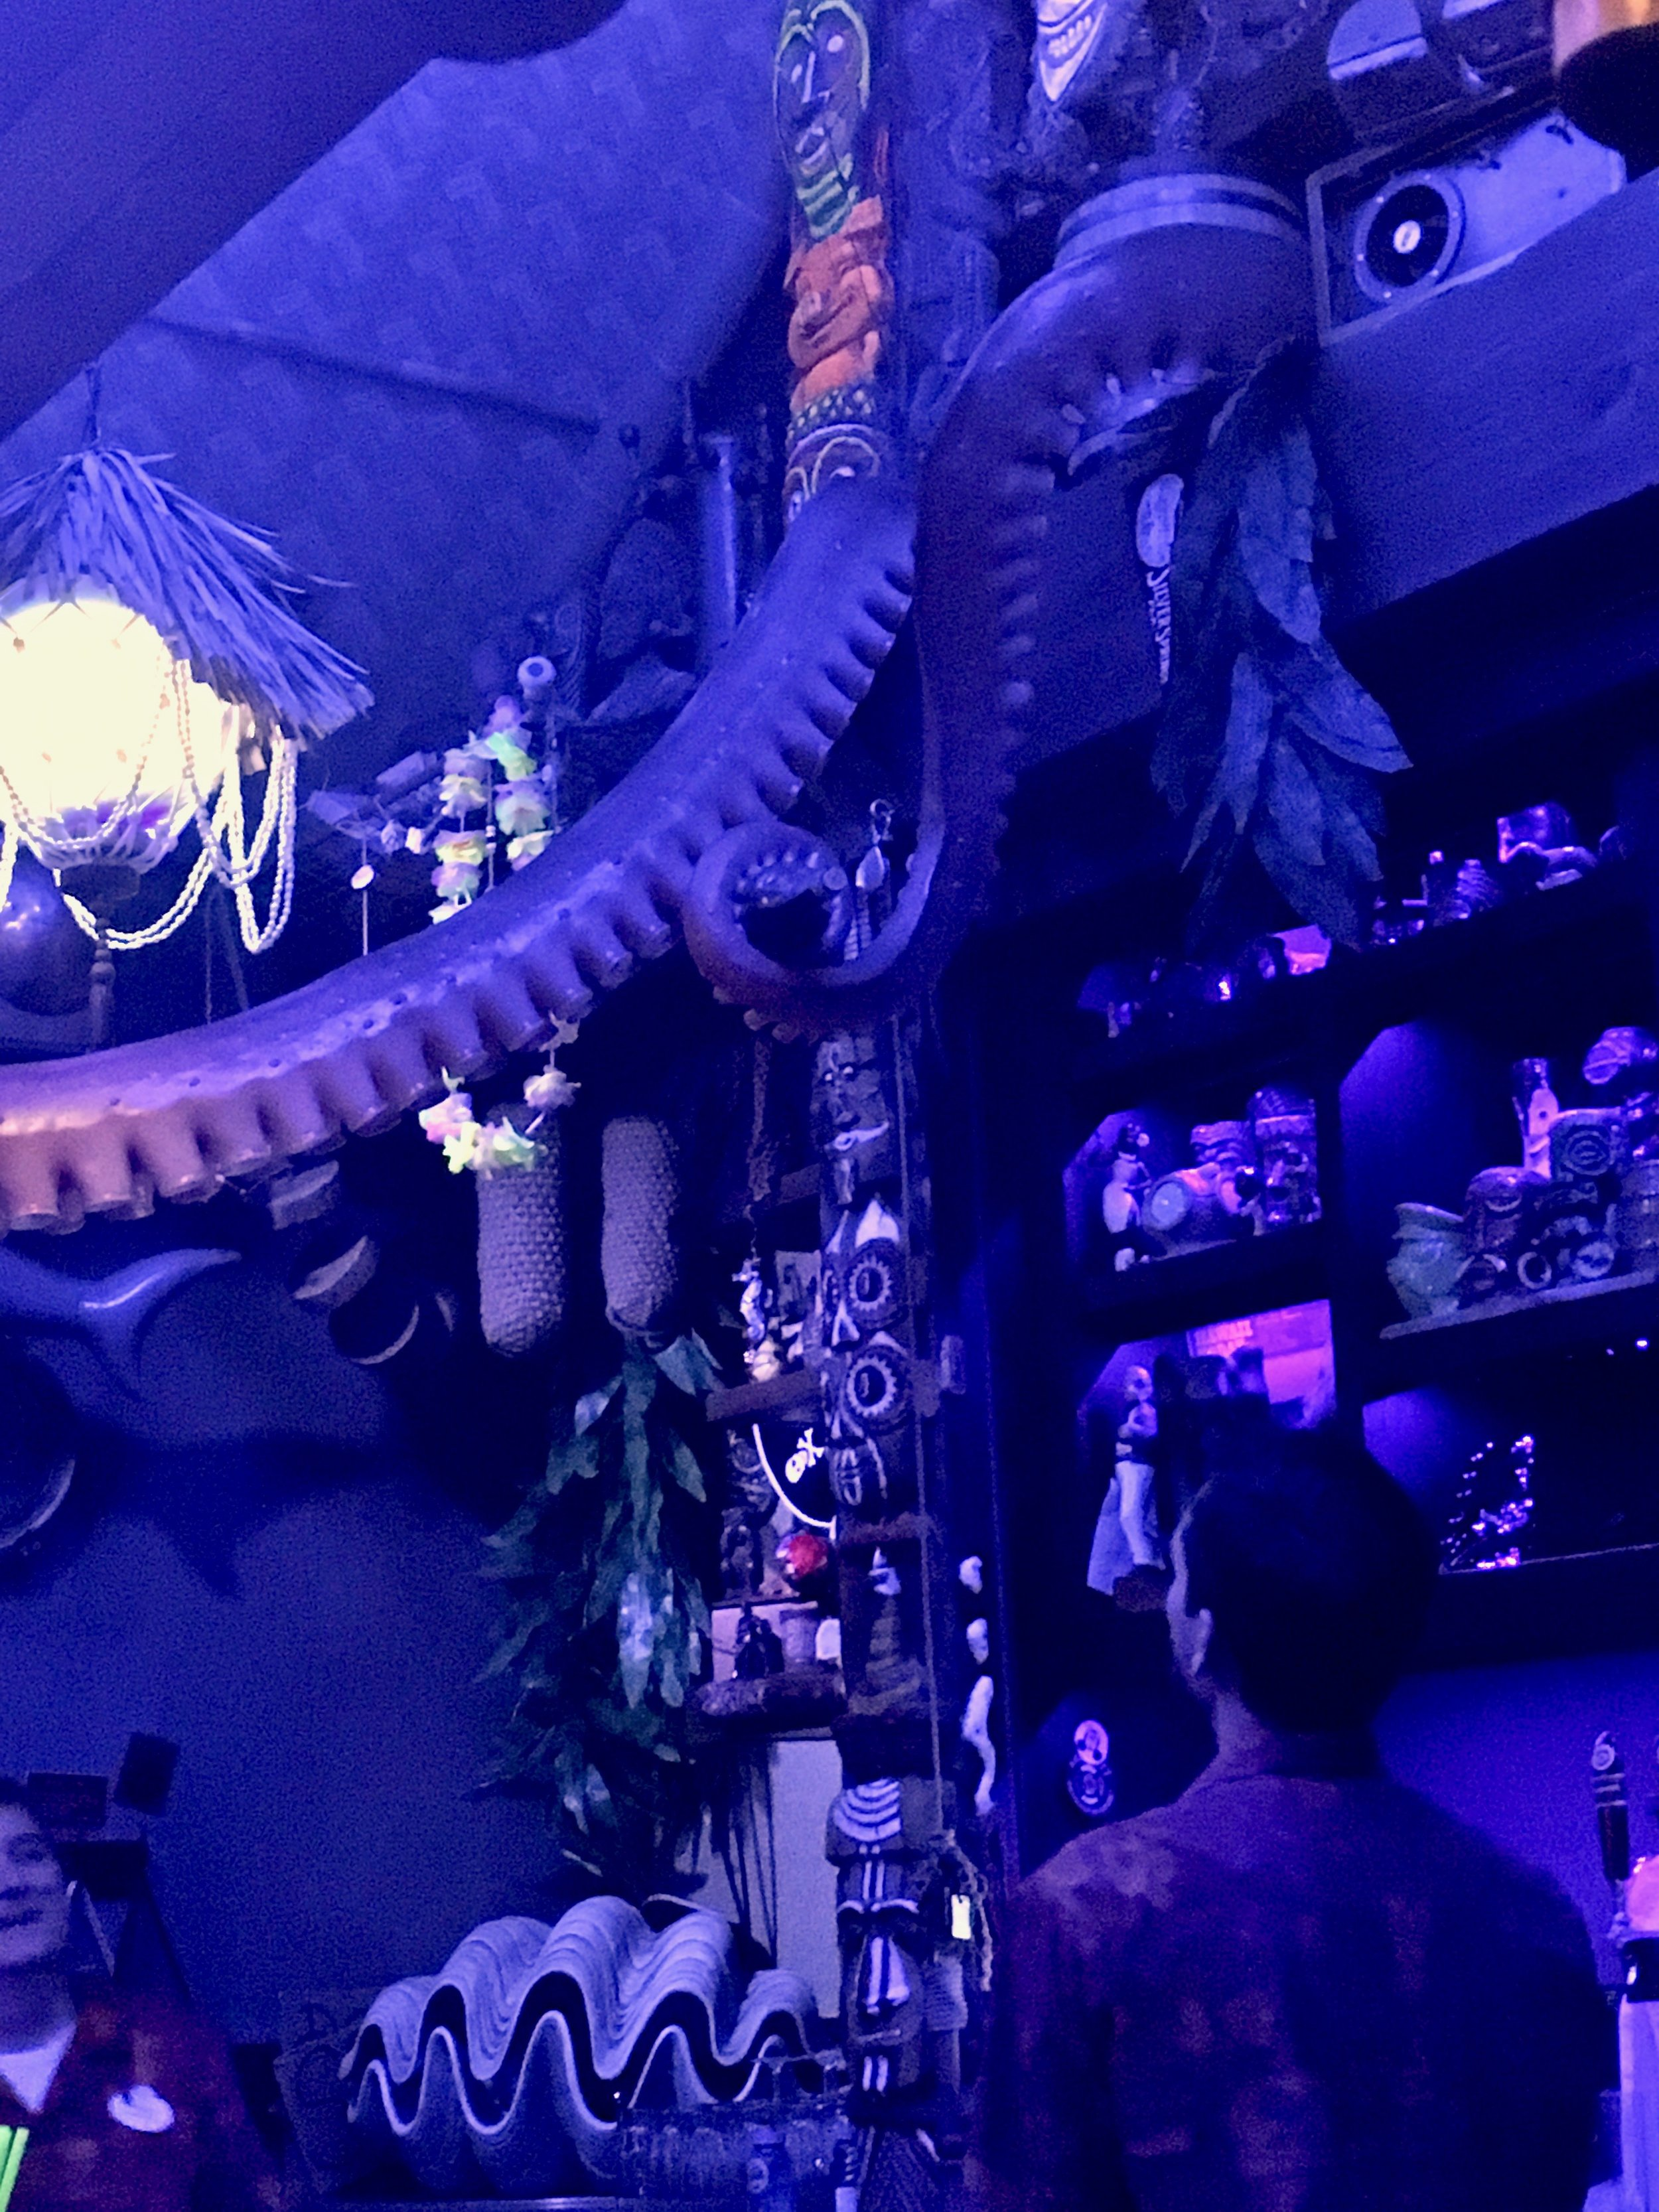 trader-sams-grog-grotto-octopus.jpg